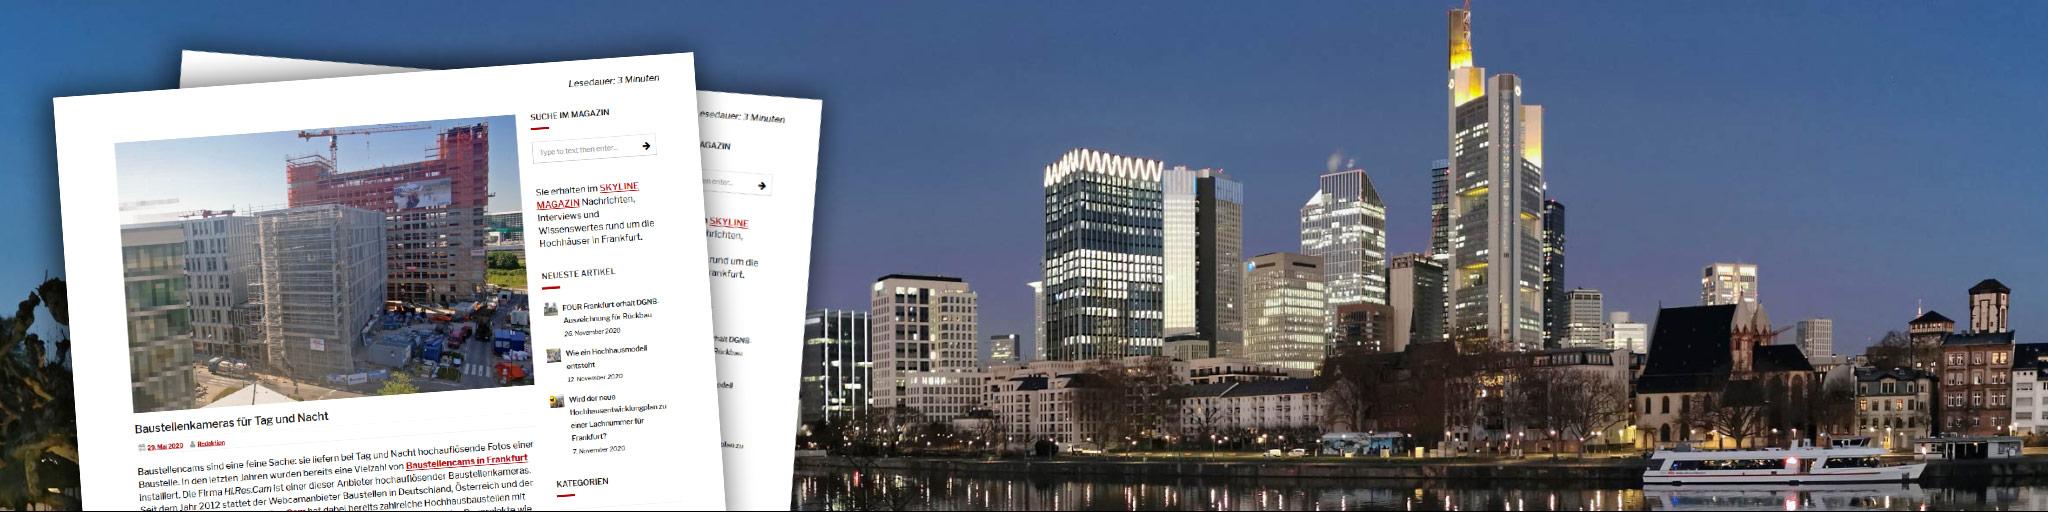 Artikel lancieren - Artikel veröffentlichen - Bericht lancieren - Zeitungsartikel lancieren - Medienbericht anregen - Frankfurt Immobilien Portal - Artikel vorschlagen - Bericht veröffentlichen - Produkt veröffentlichen